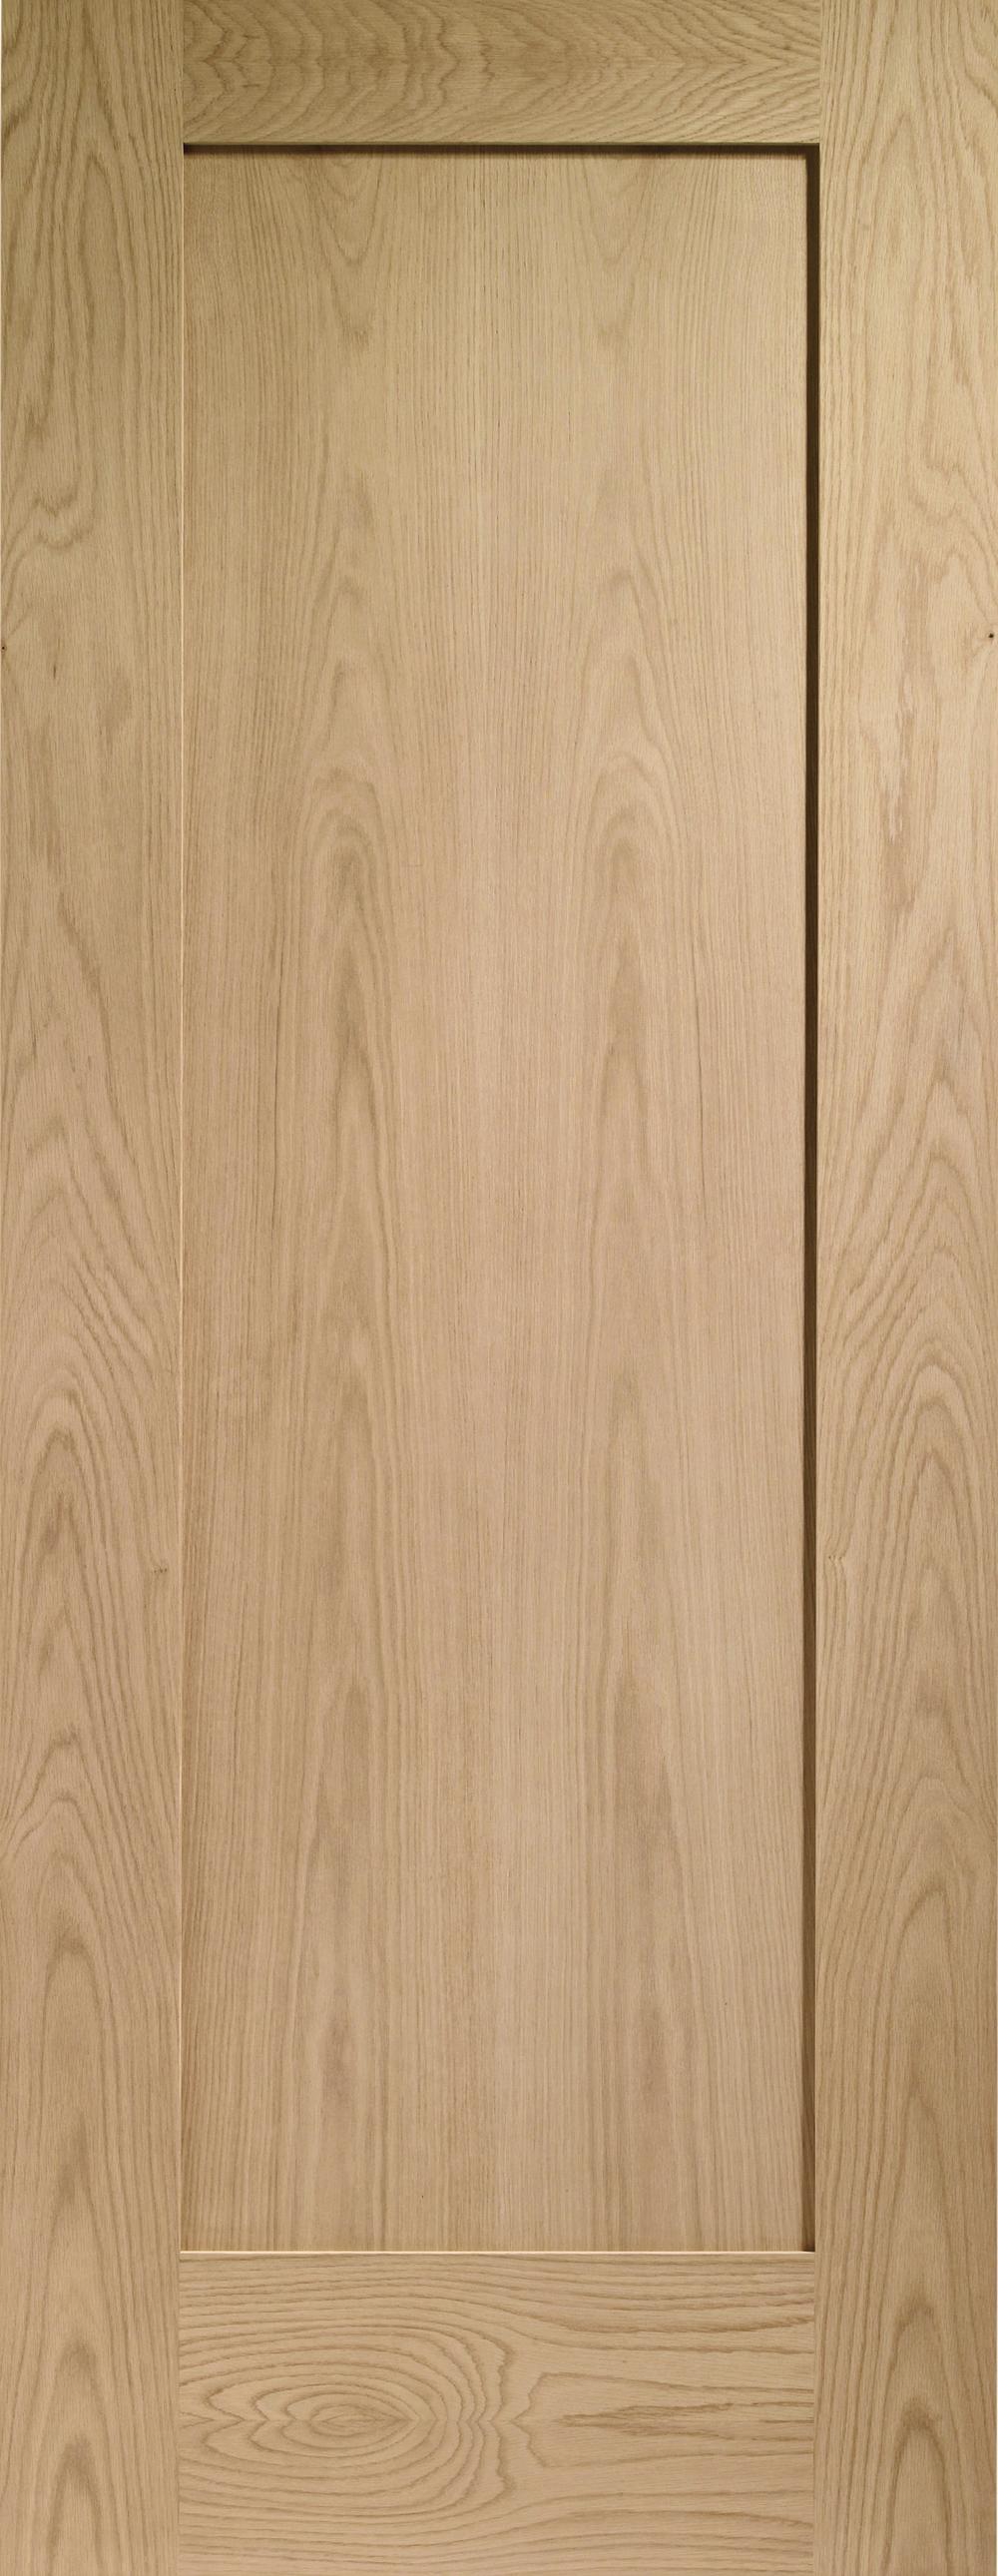 Oak Pattern 10.jpg